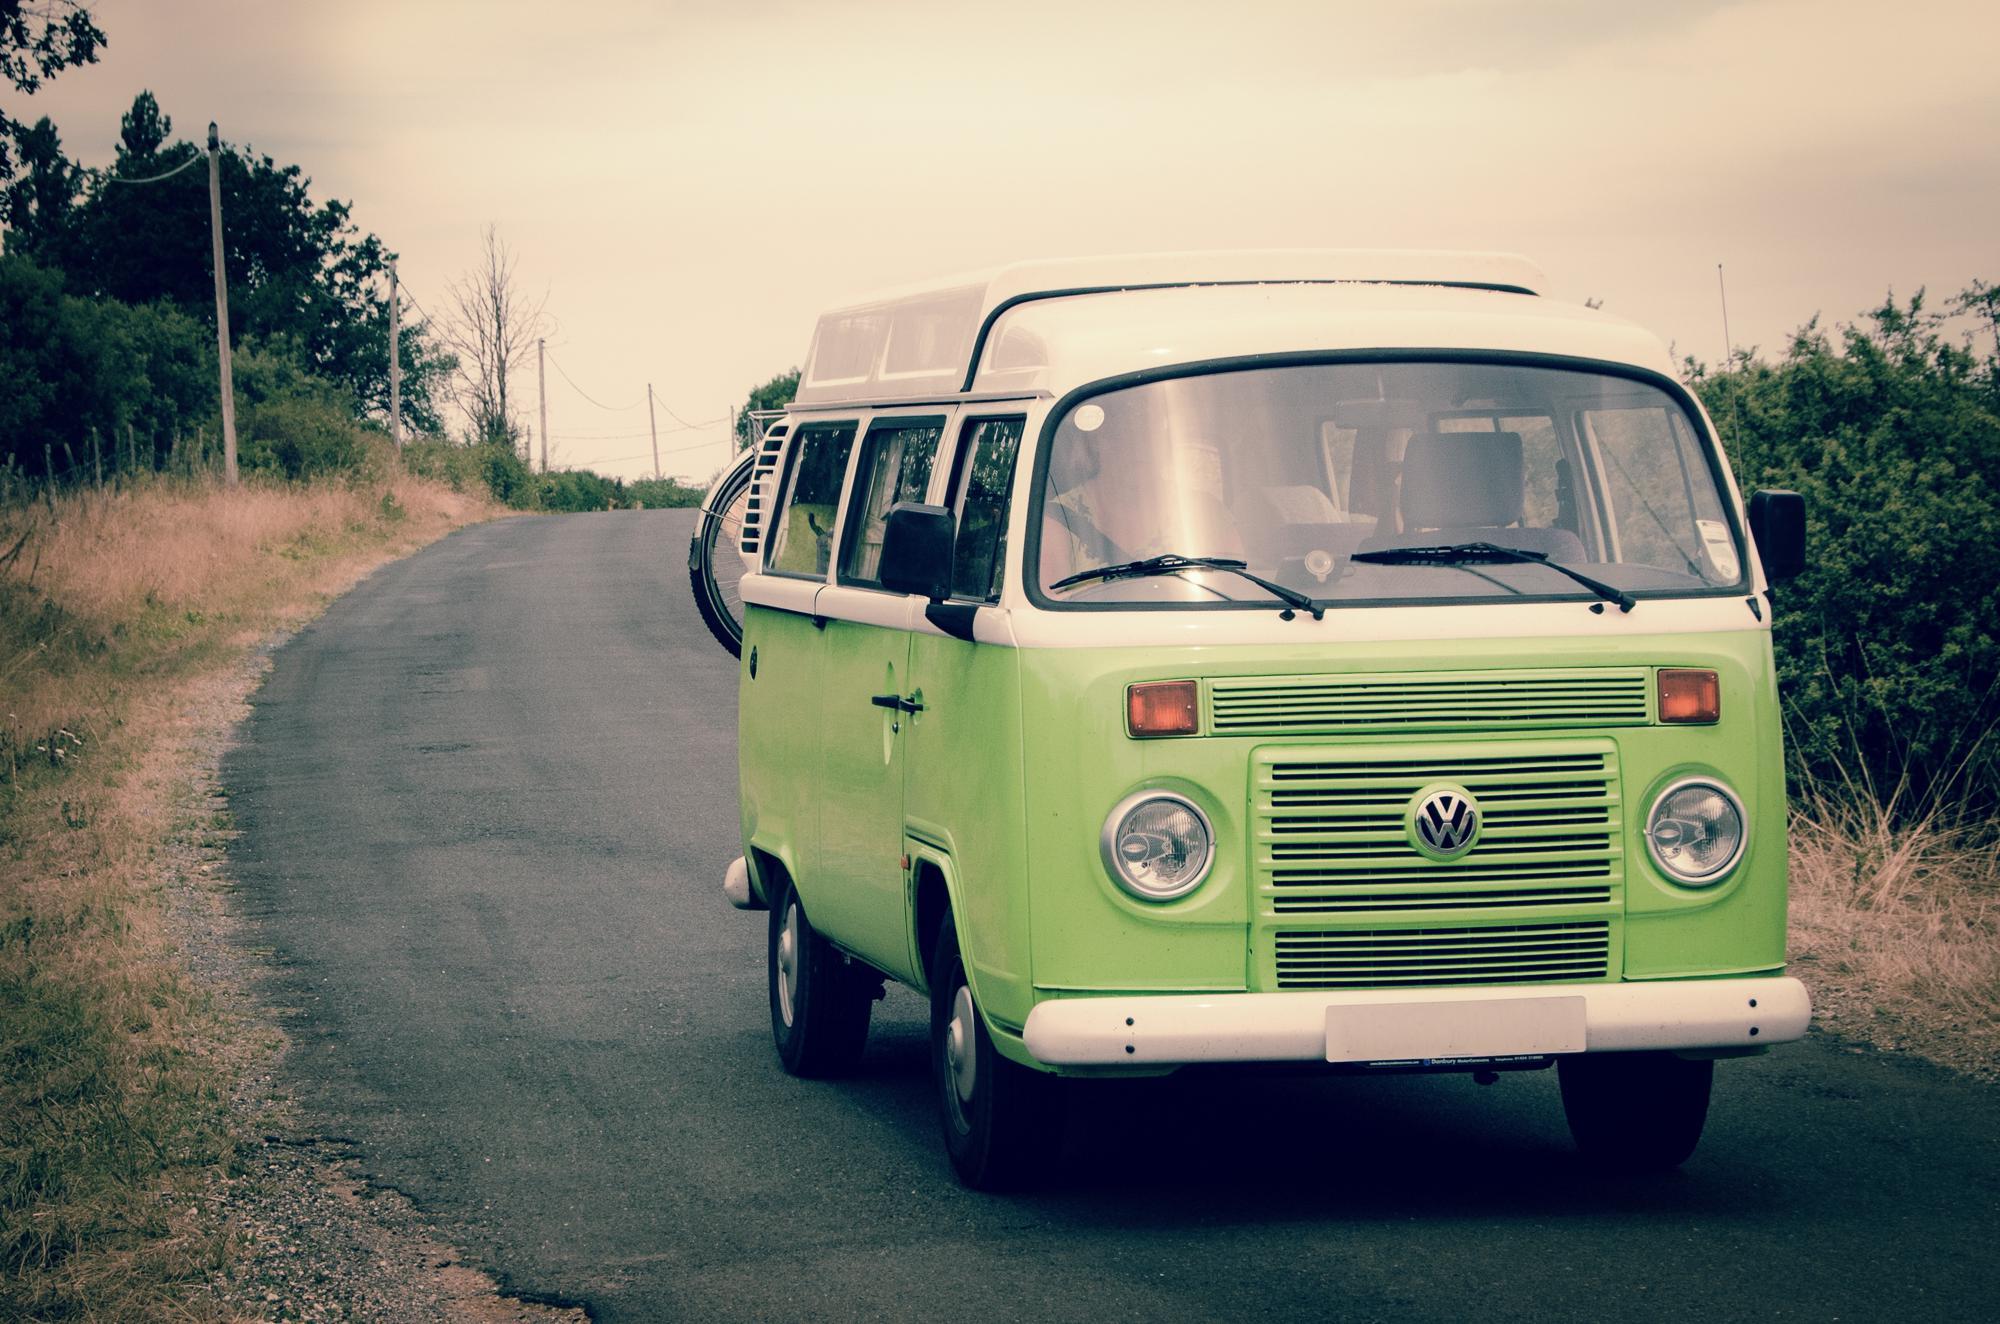 Vw Camper Van >> Vw Vans Europe